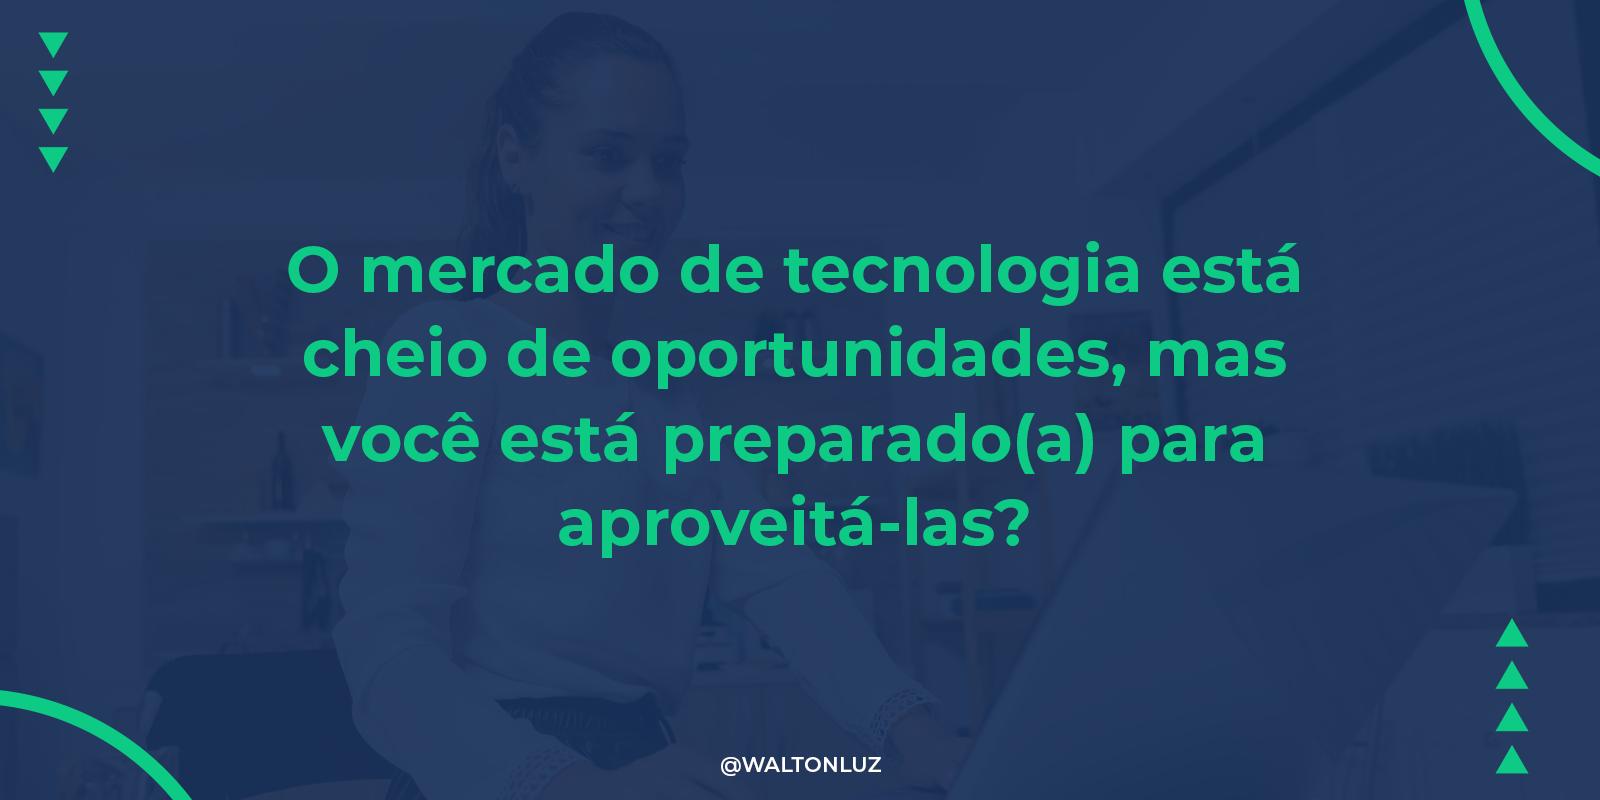 O mercado de tecnologia está cheio de oportunidades, mas você está preparado(a) para aproveitá-las?